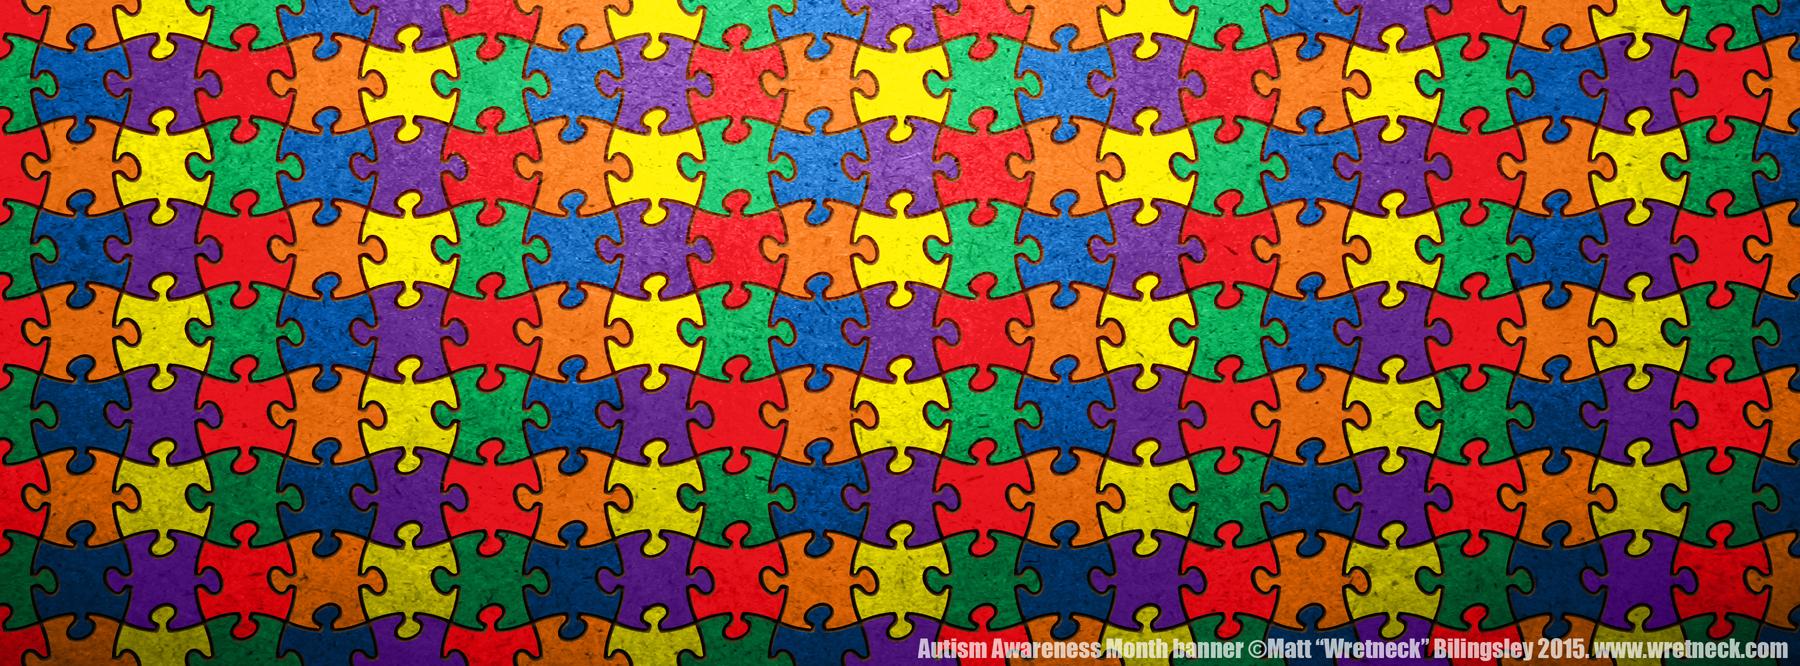 wretneck-autism-awareness-month-2015-banner